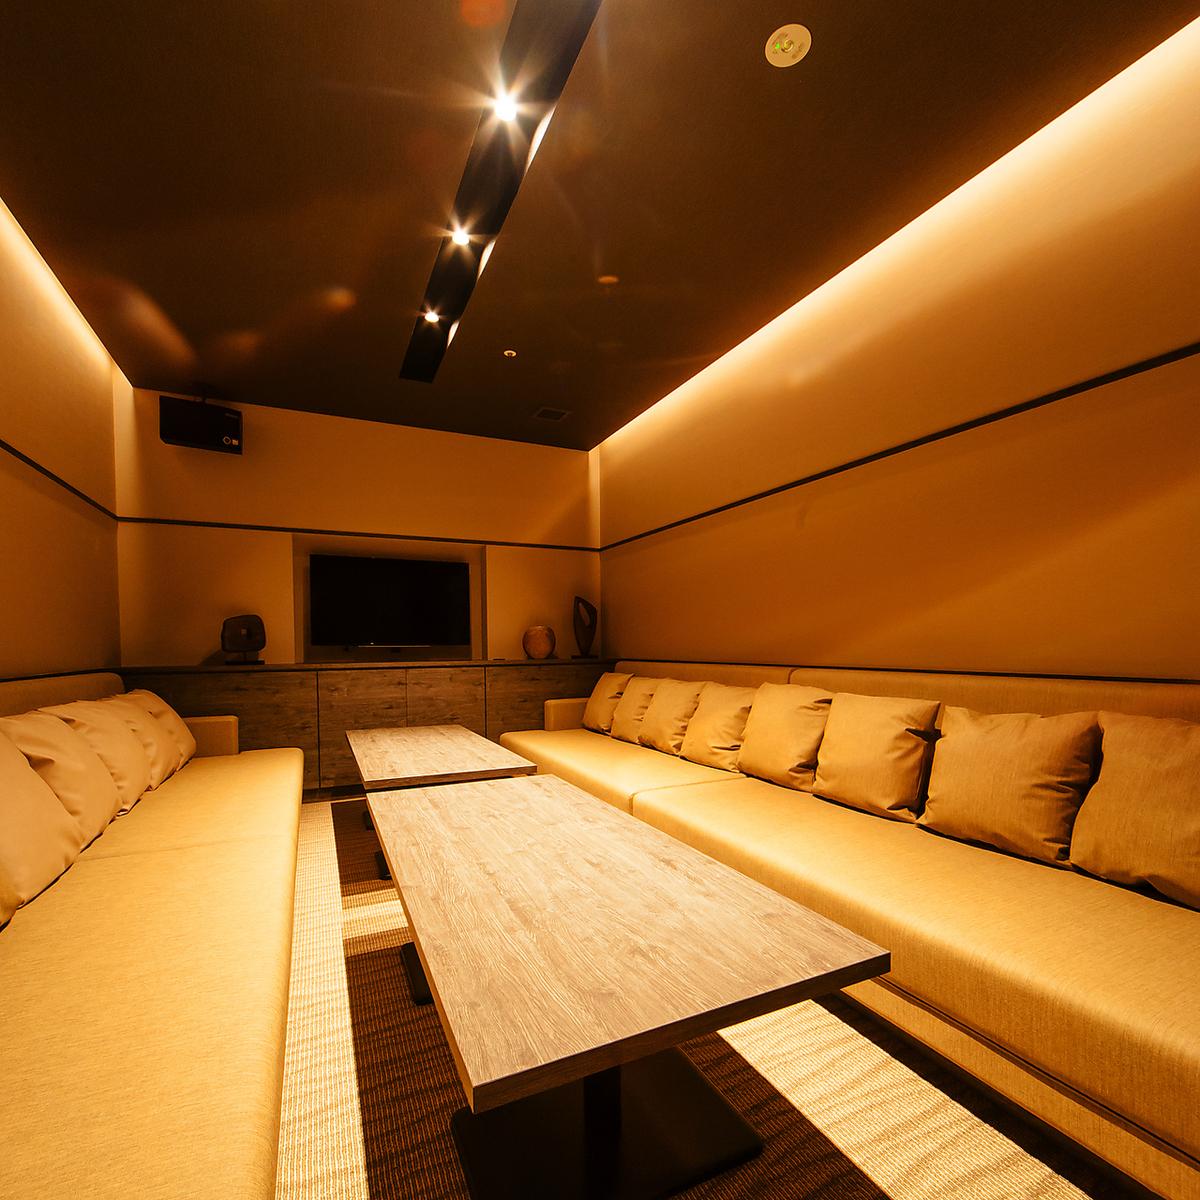 【ROOM 005】私人房間最多可容納12人/舒適的沙發麵向風格,寬敞典雅,現代混合。非常適合用餐和娛樂。